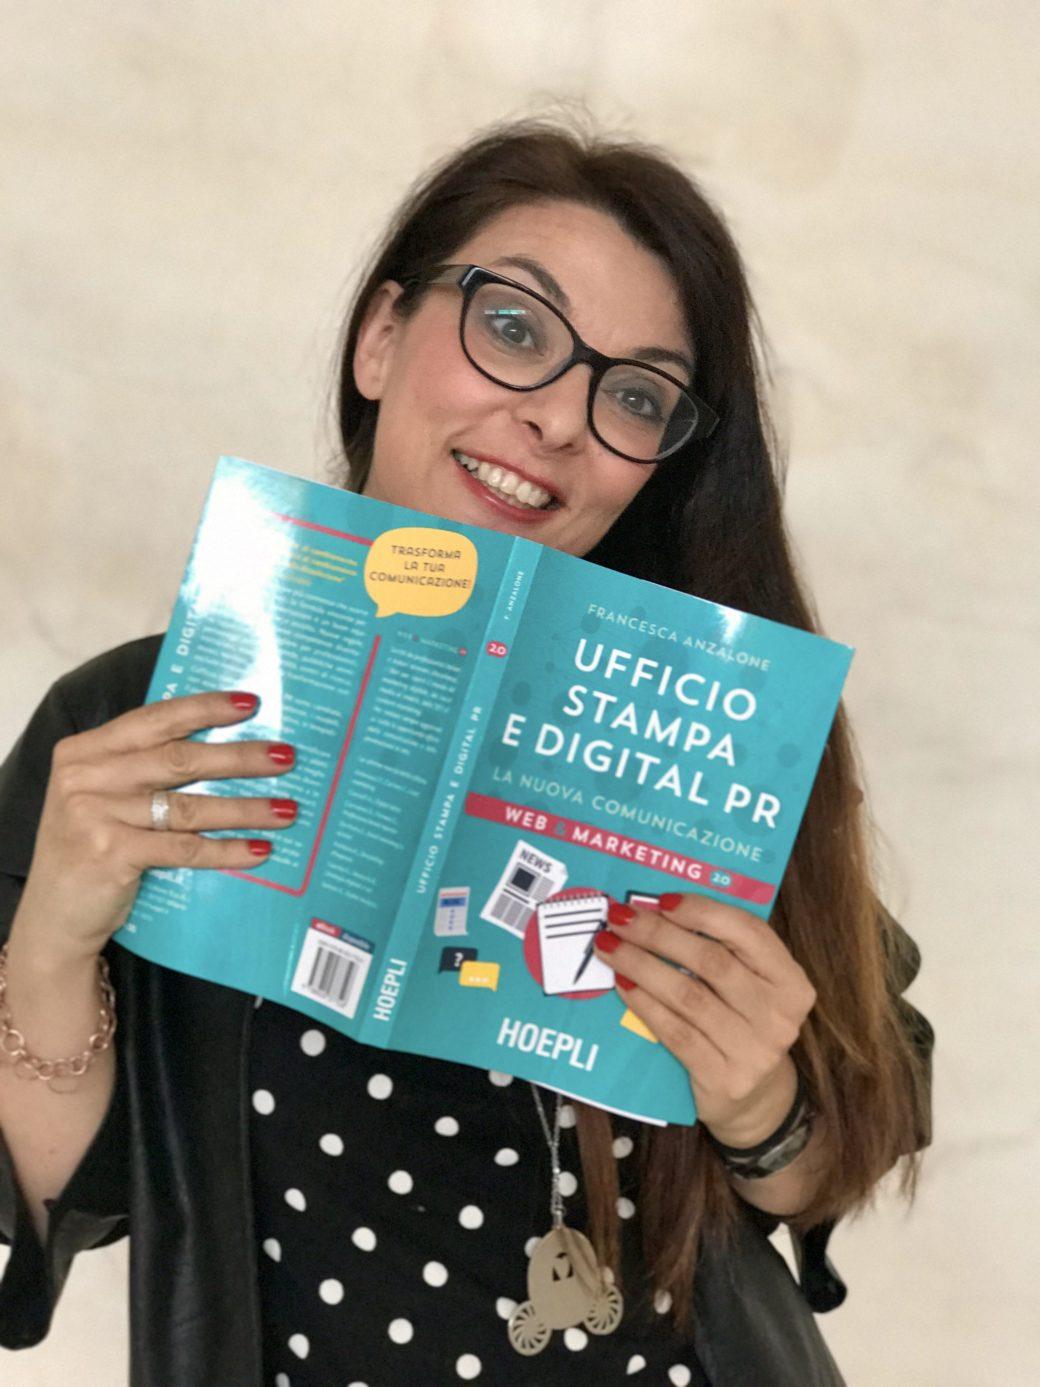 Francesca Anzalone - Ufficio stampa e Digital PR, quali le nuove professioni?